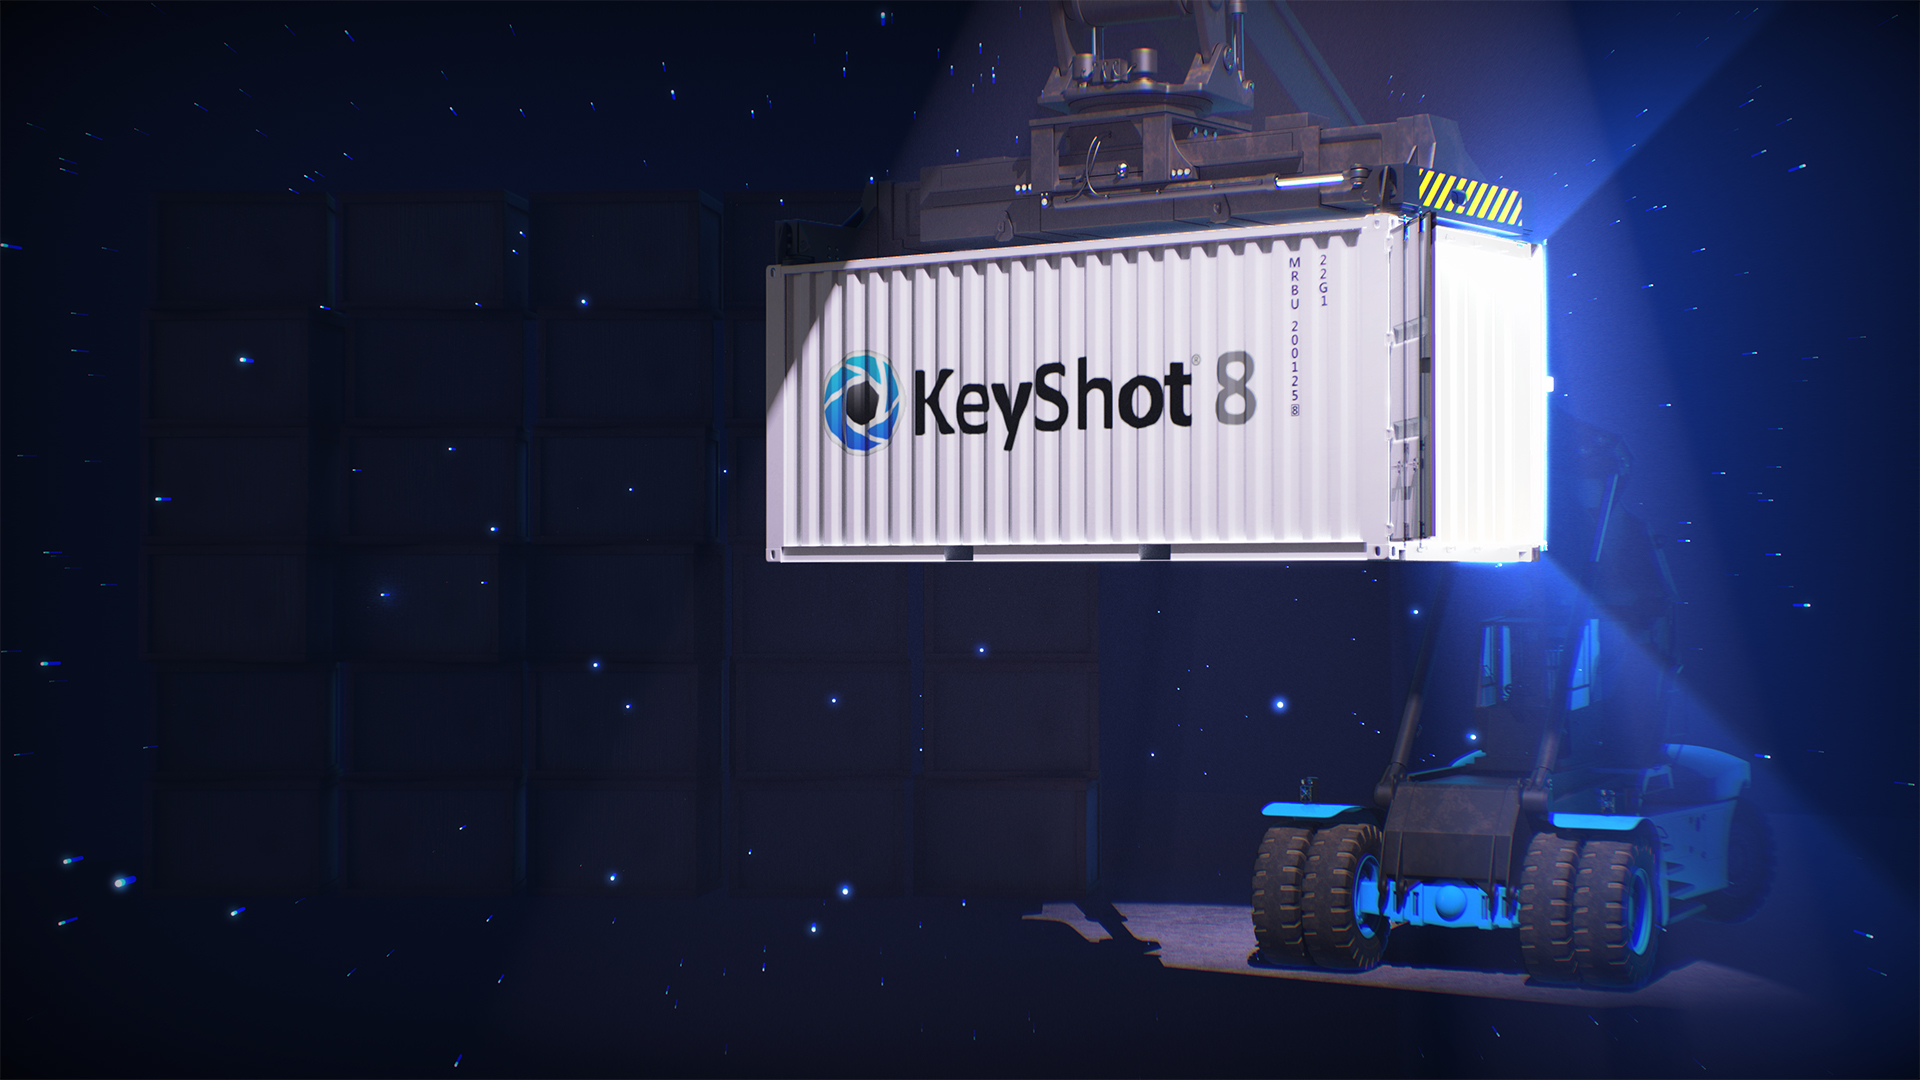 KeyShot 8.0